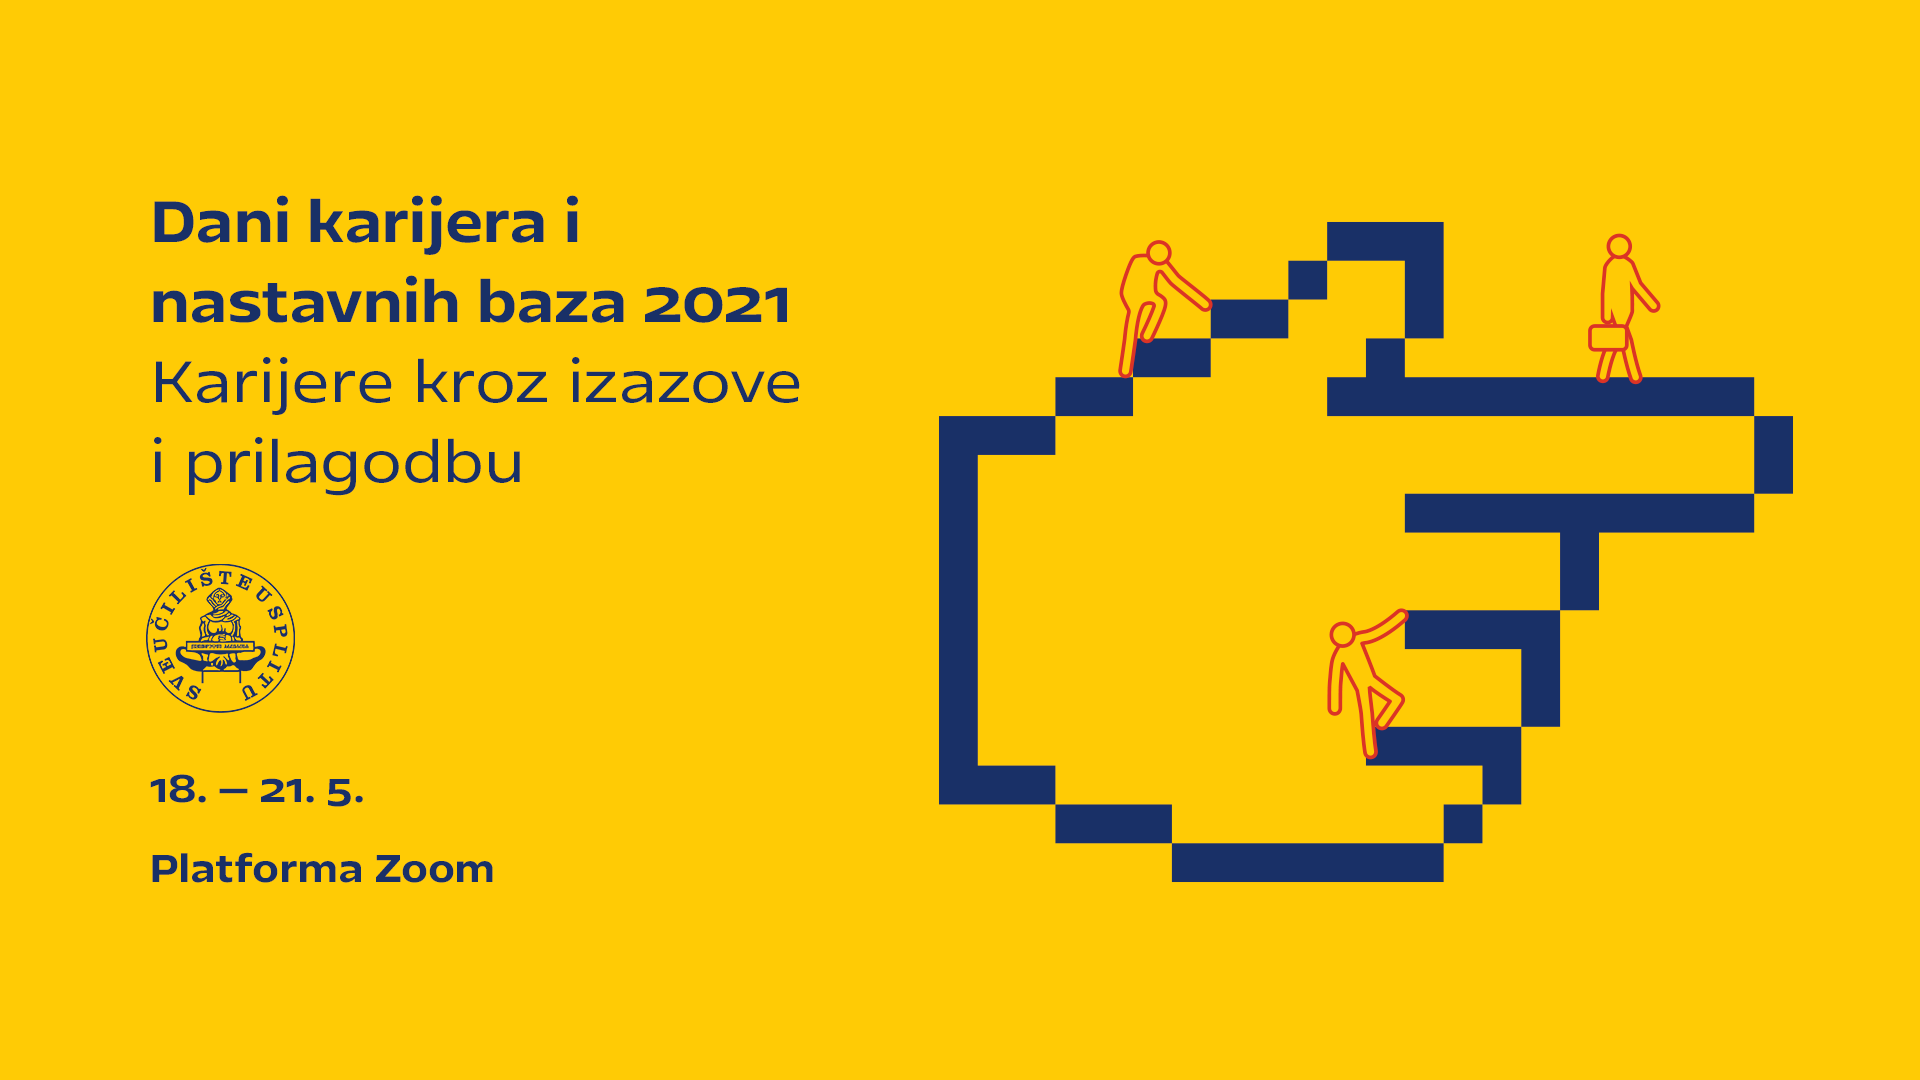 dani2021-fullhd-1